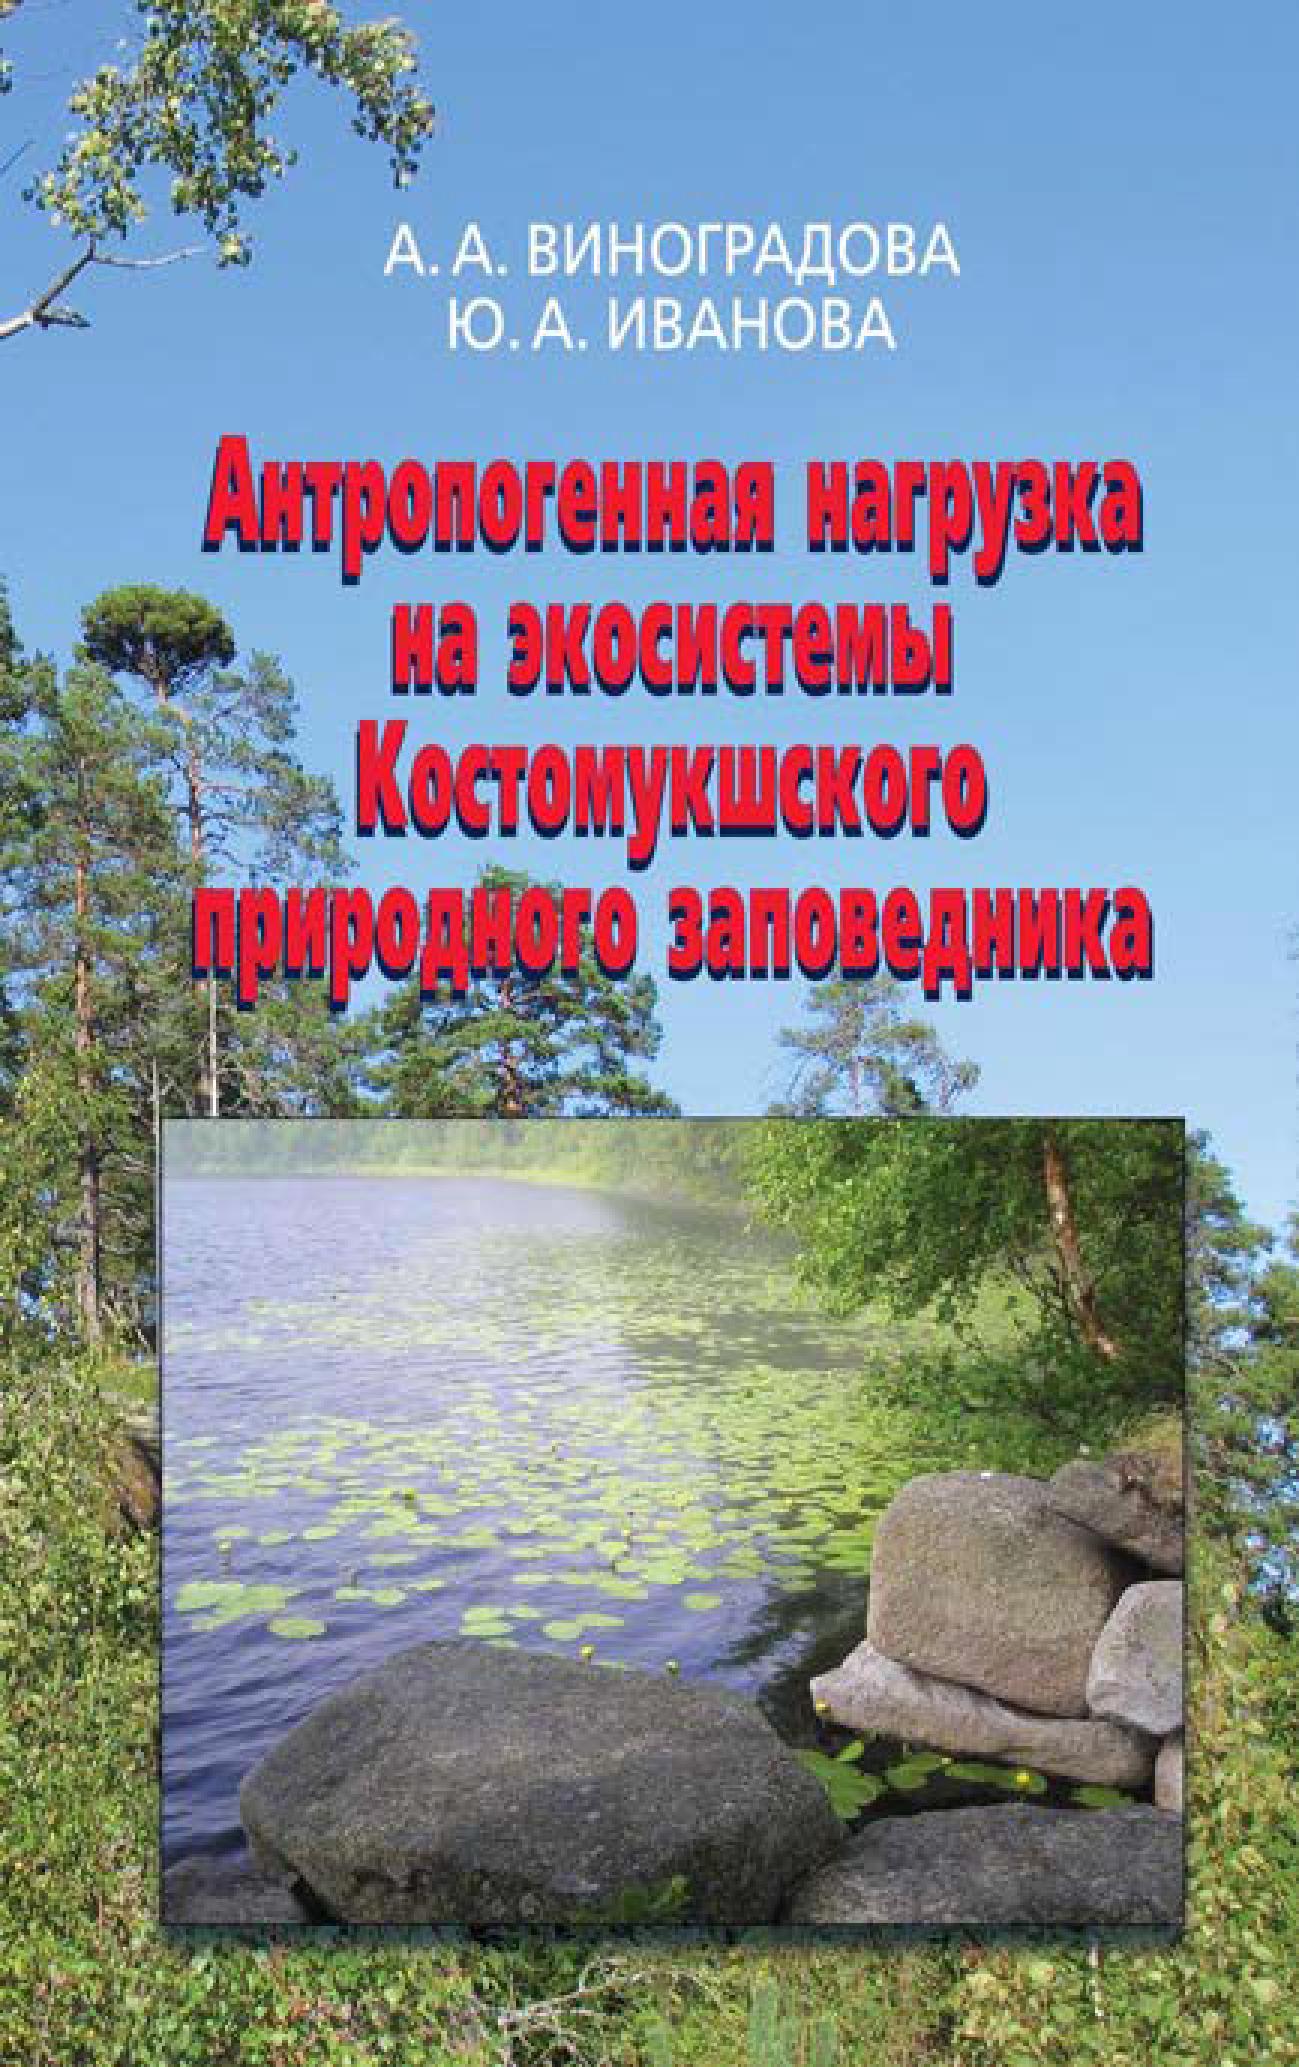 Антропогенная нагрузка на экосистемы Костомукшского природного заповедника